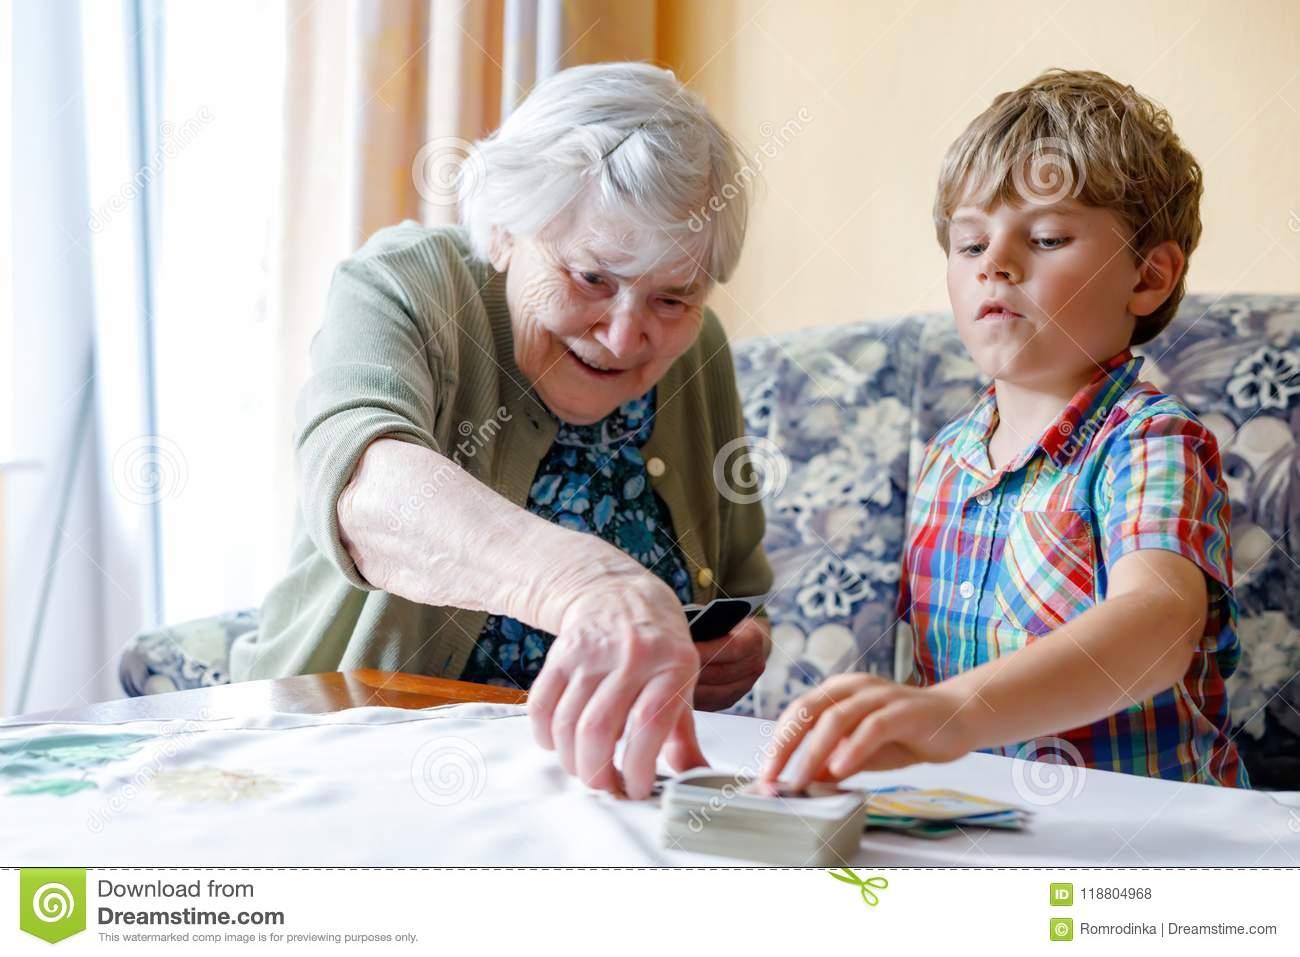 Petit Garçon Préscolaire Actif D'enfant Et Grand-Mère Grande encequiconcerne Jeux De Grand Garçon